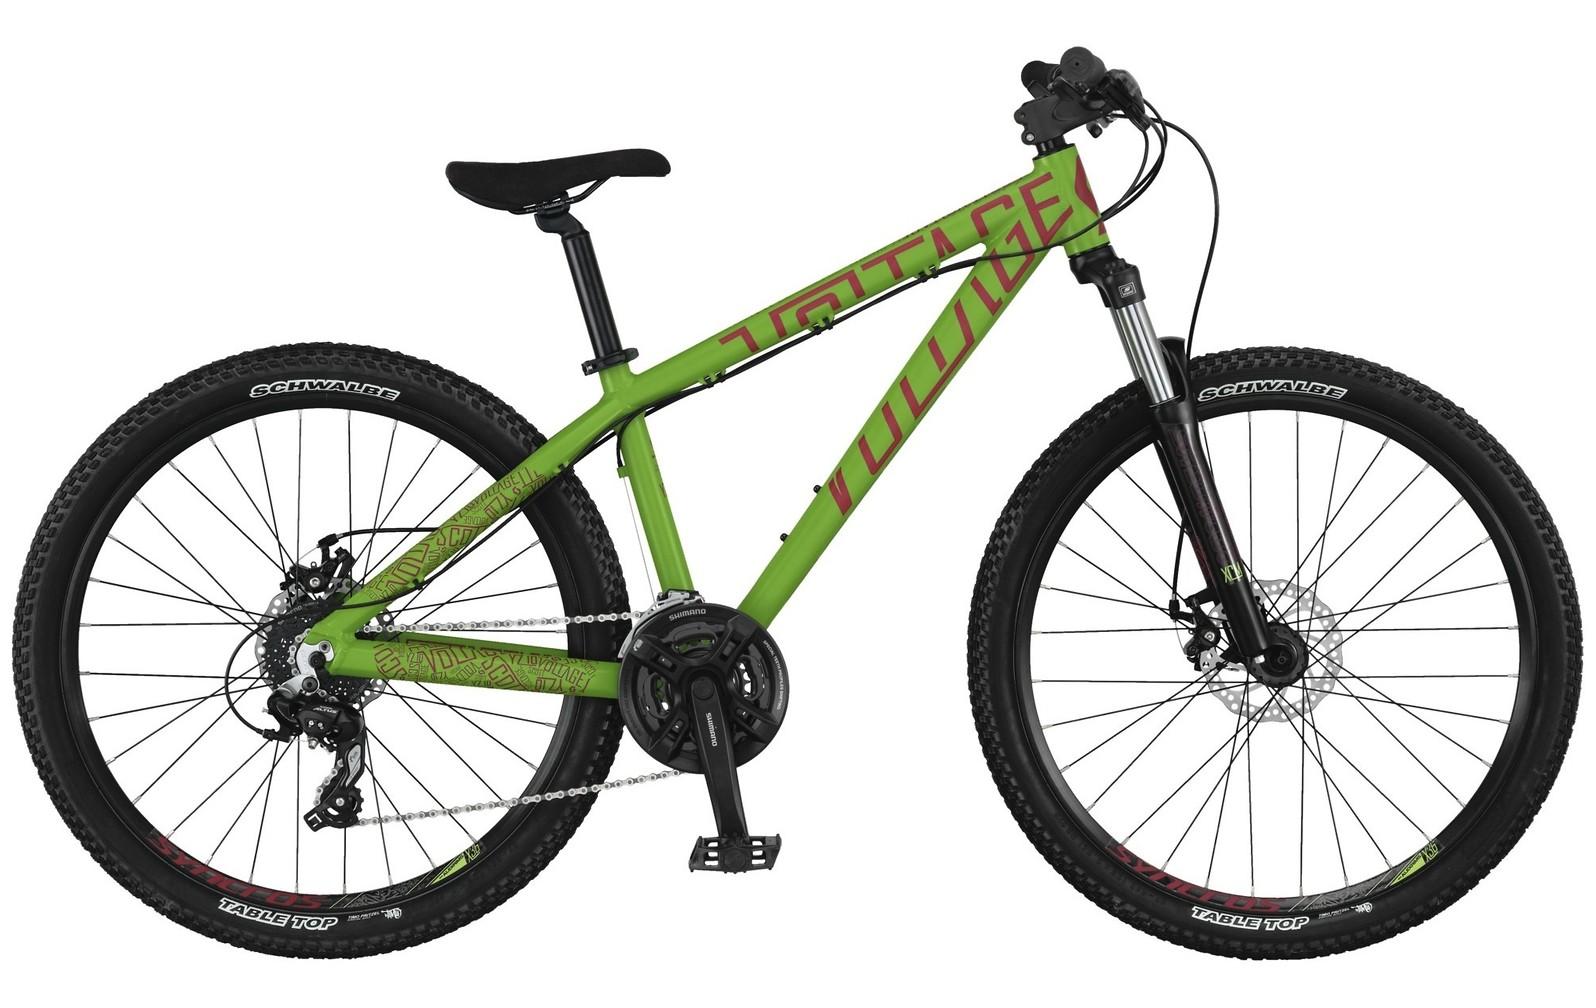 2014 Scott Voltage YZ 30 Bike  Reviews Comparisons Specs  Mountain Bikes  Vital MTB